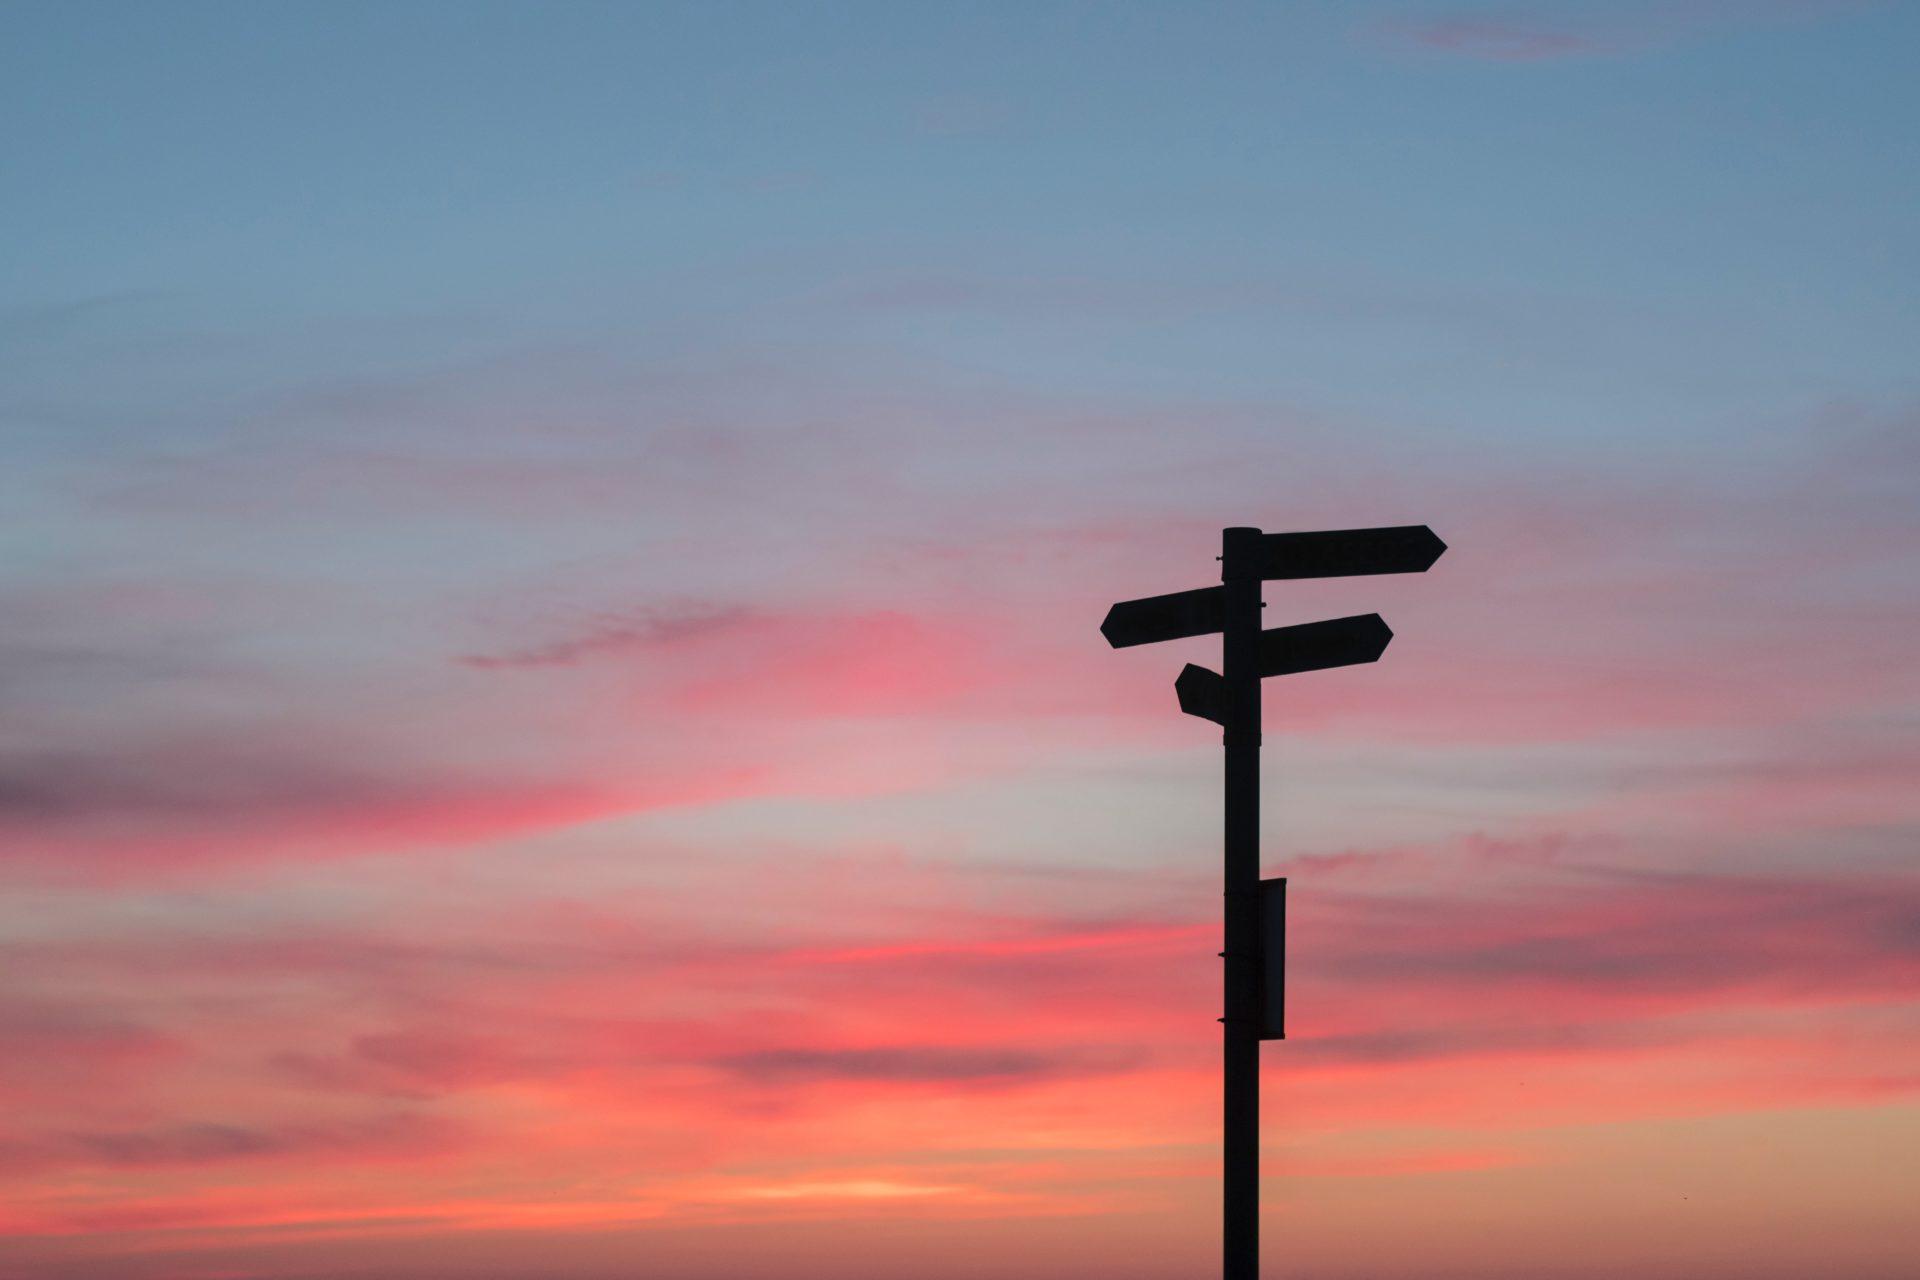 photo d'un coucher de soleil avec un ciel prenant des couleurs roses et un panneaux d'indication dirigeant vers différents chemins